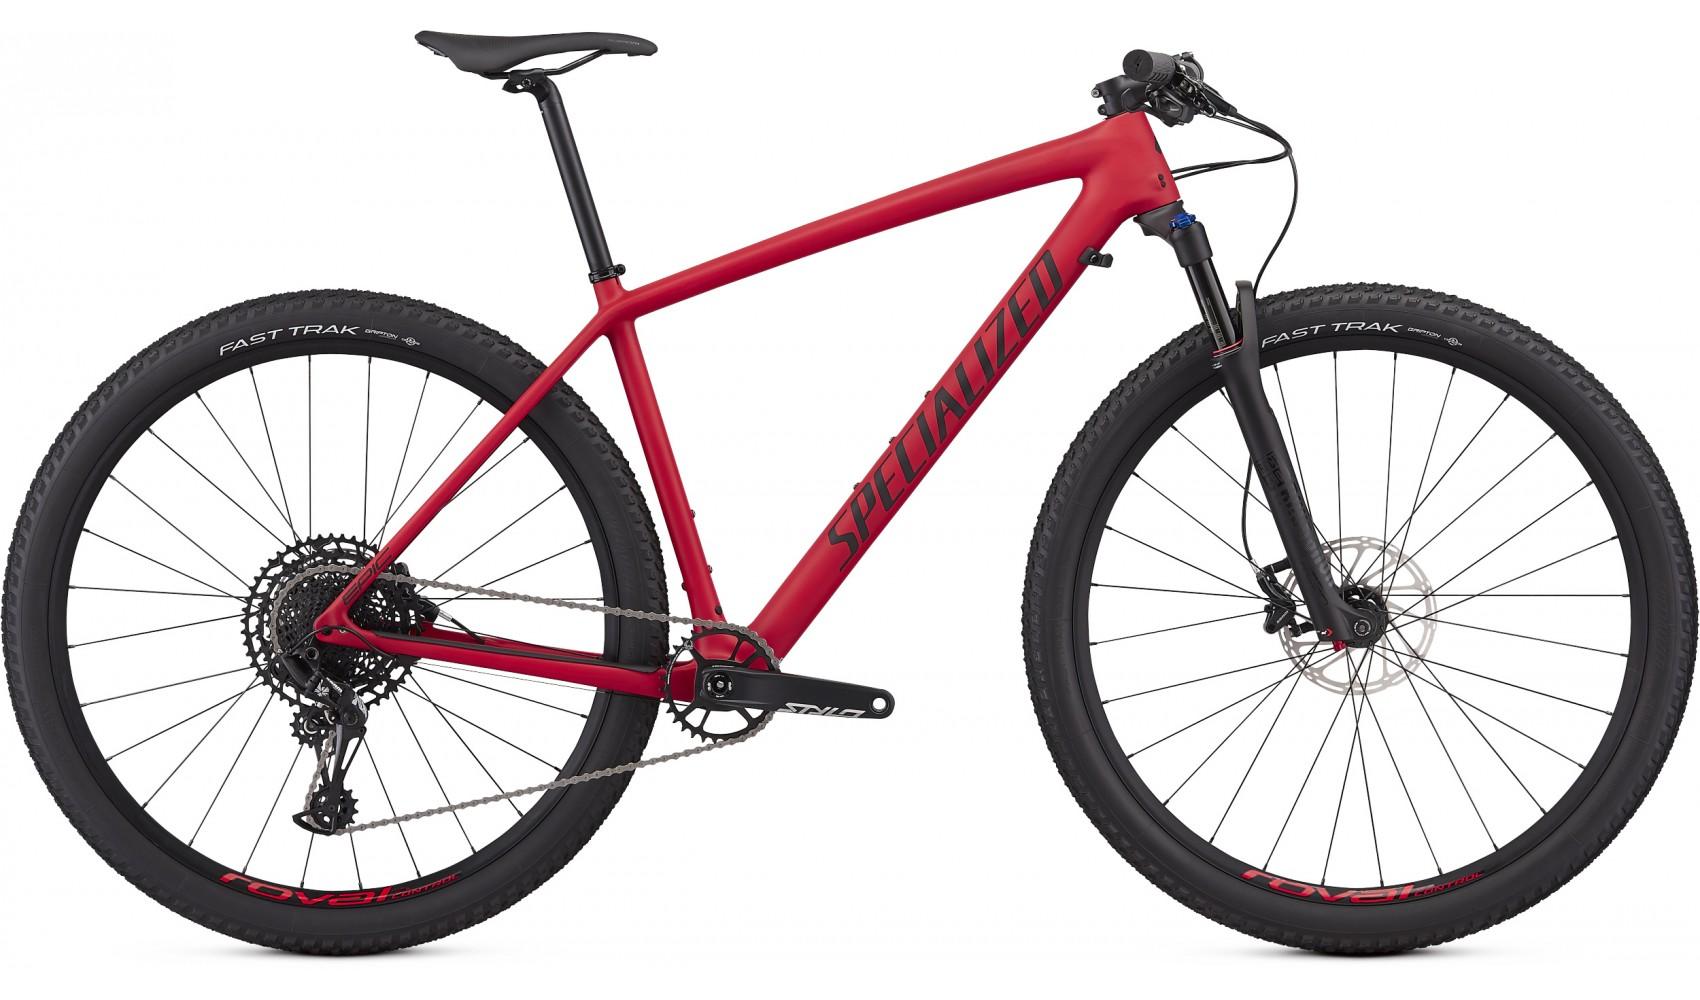 Specialized Epic HT Men Comp Carbon 29 flo red/black M 2019 Barva: matná červená / černá, Velikost: M